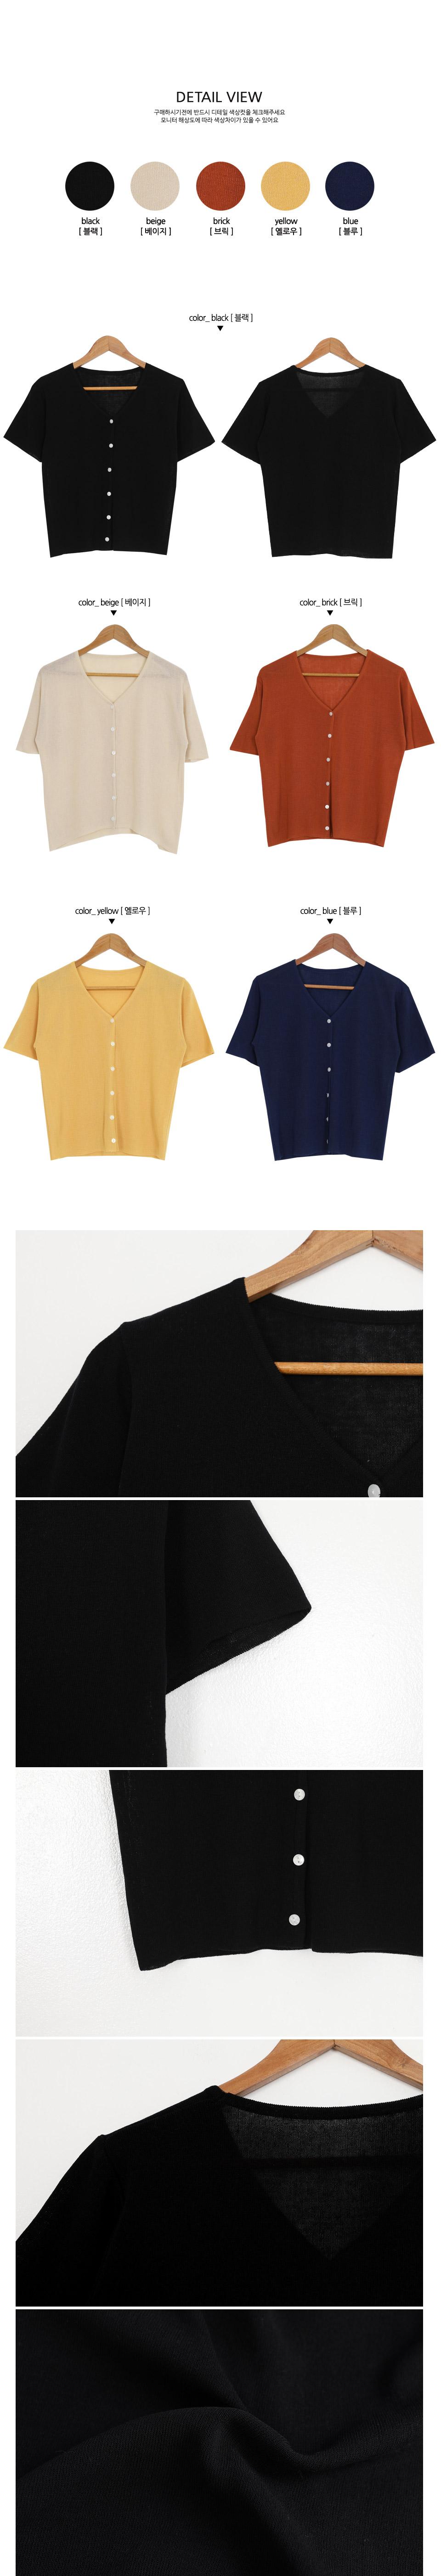 Rajiv Short Sleeve Cardigan